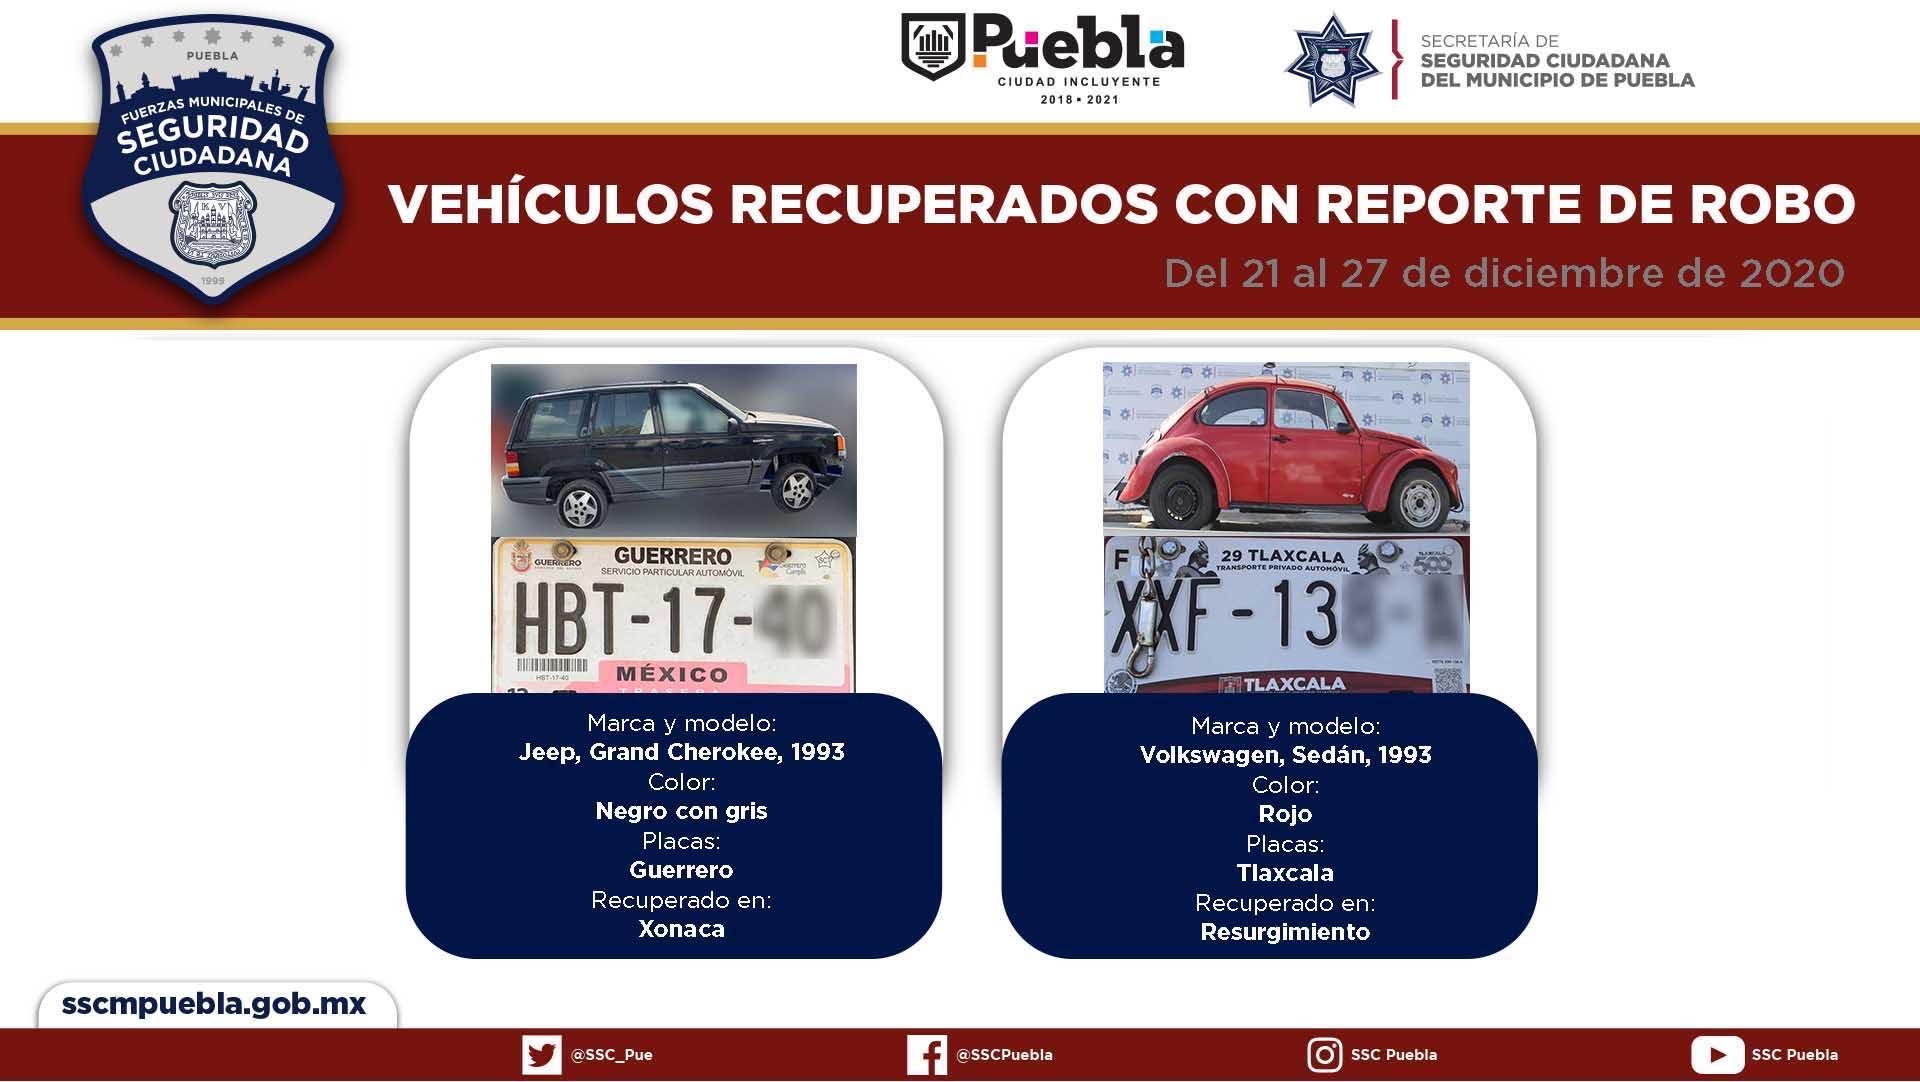 Durante este cierre de año remitió Policía Municipal de Puebla 17 vehículos ante el agente del ministerio público